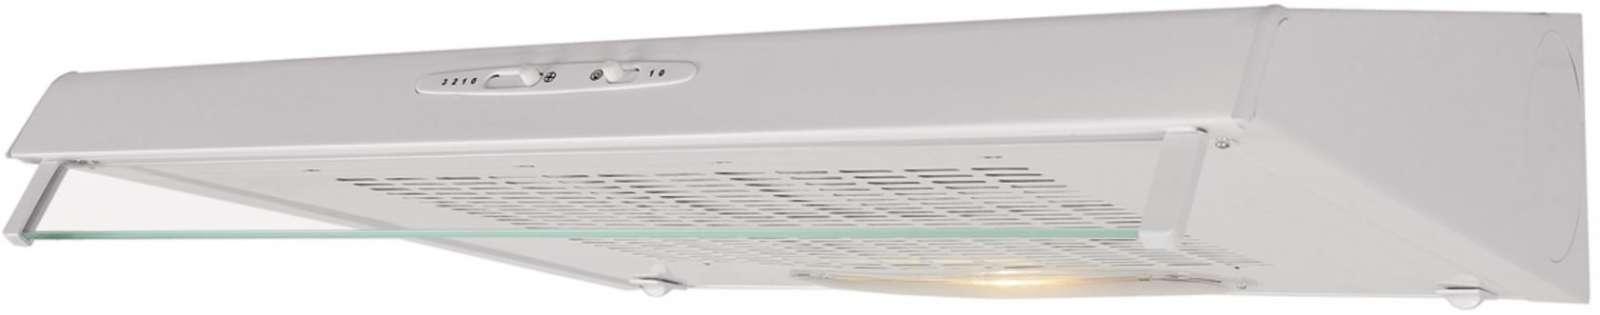 Univerzální odsavač par AMICA OSC 5110 W - 50 cm